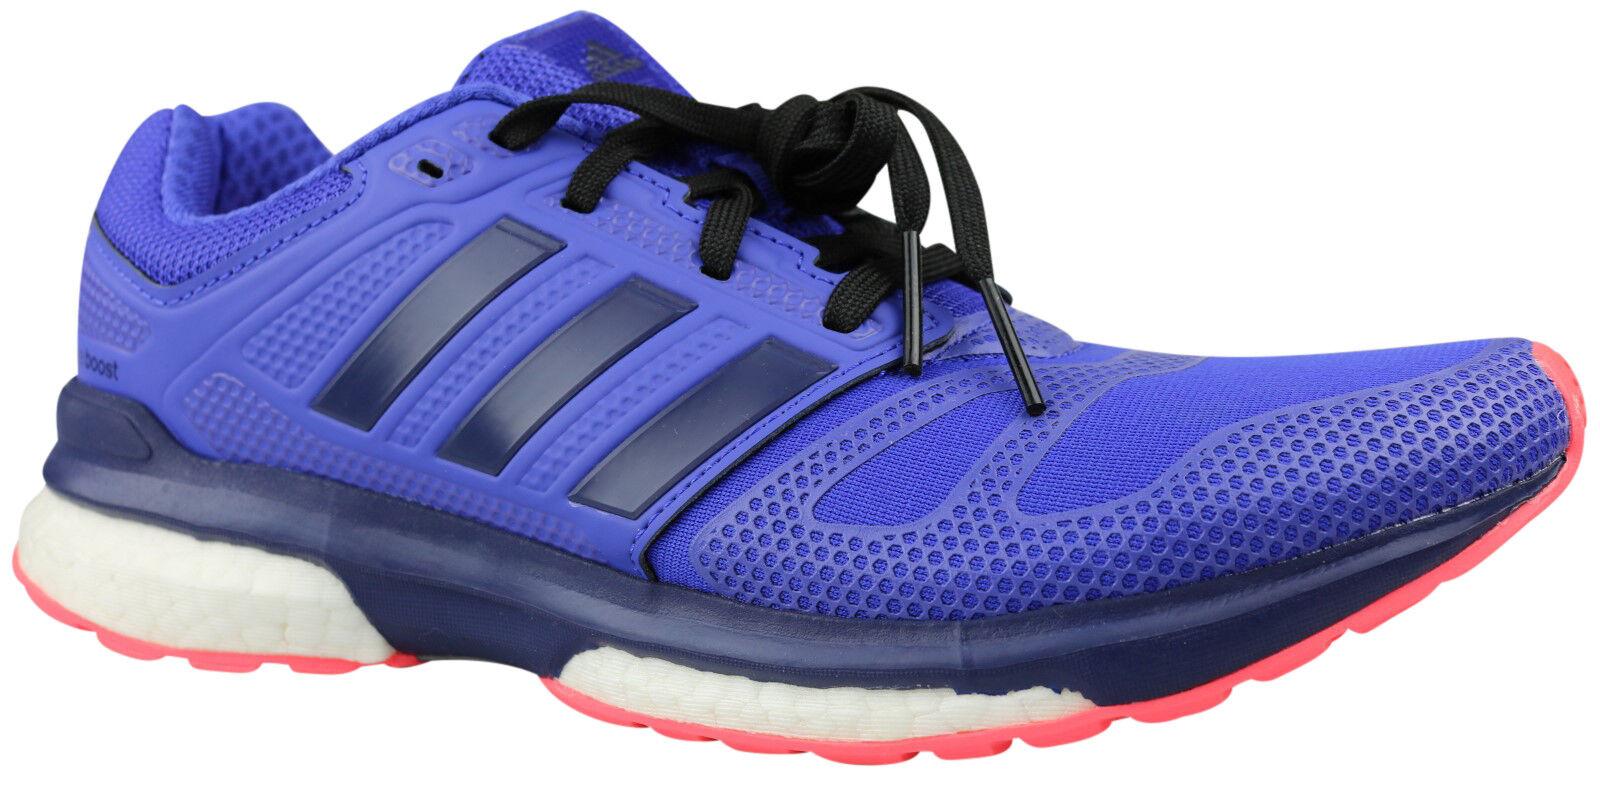 ADIDAS REVENGE BOOST 2 W Techfit scarpe da ginnastica Donna Scarpe Da Corsa s82978 MIS. 38 NUOVO OVP